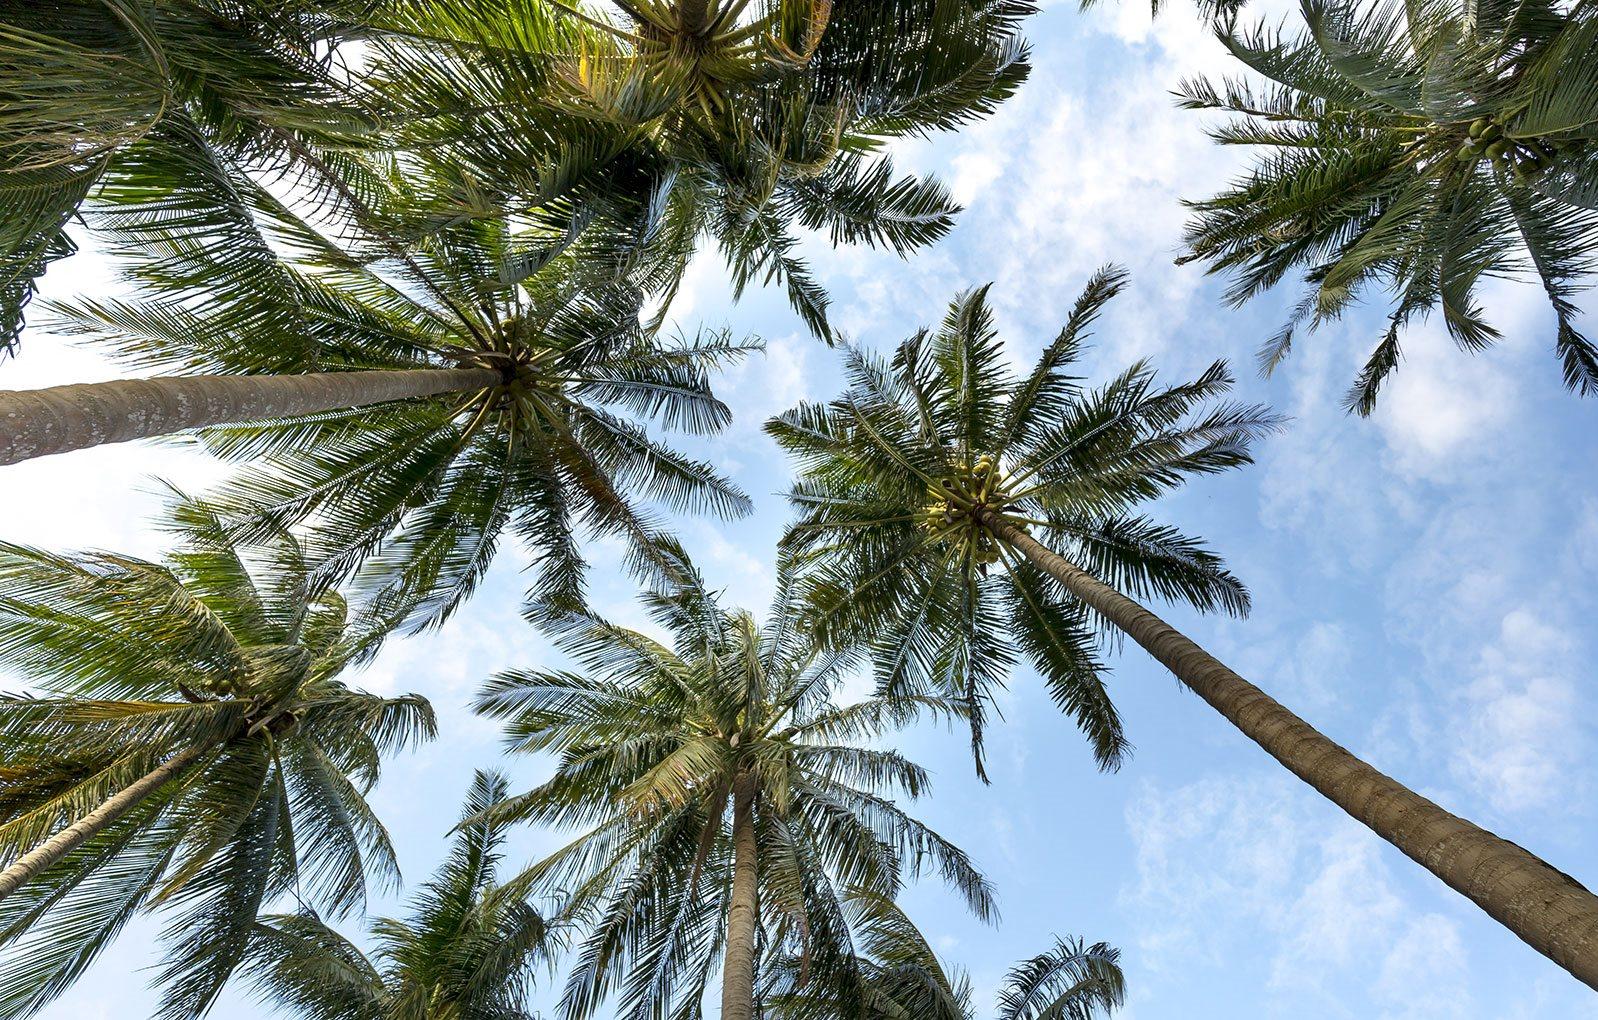 Palm Trees_Brownsville Village II, Miami, FL 33142